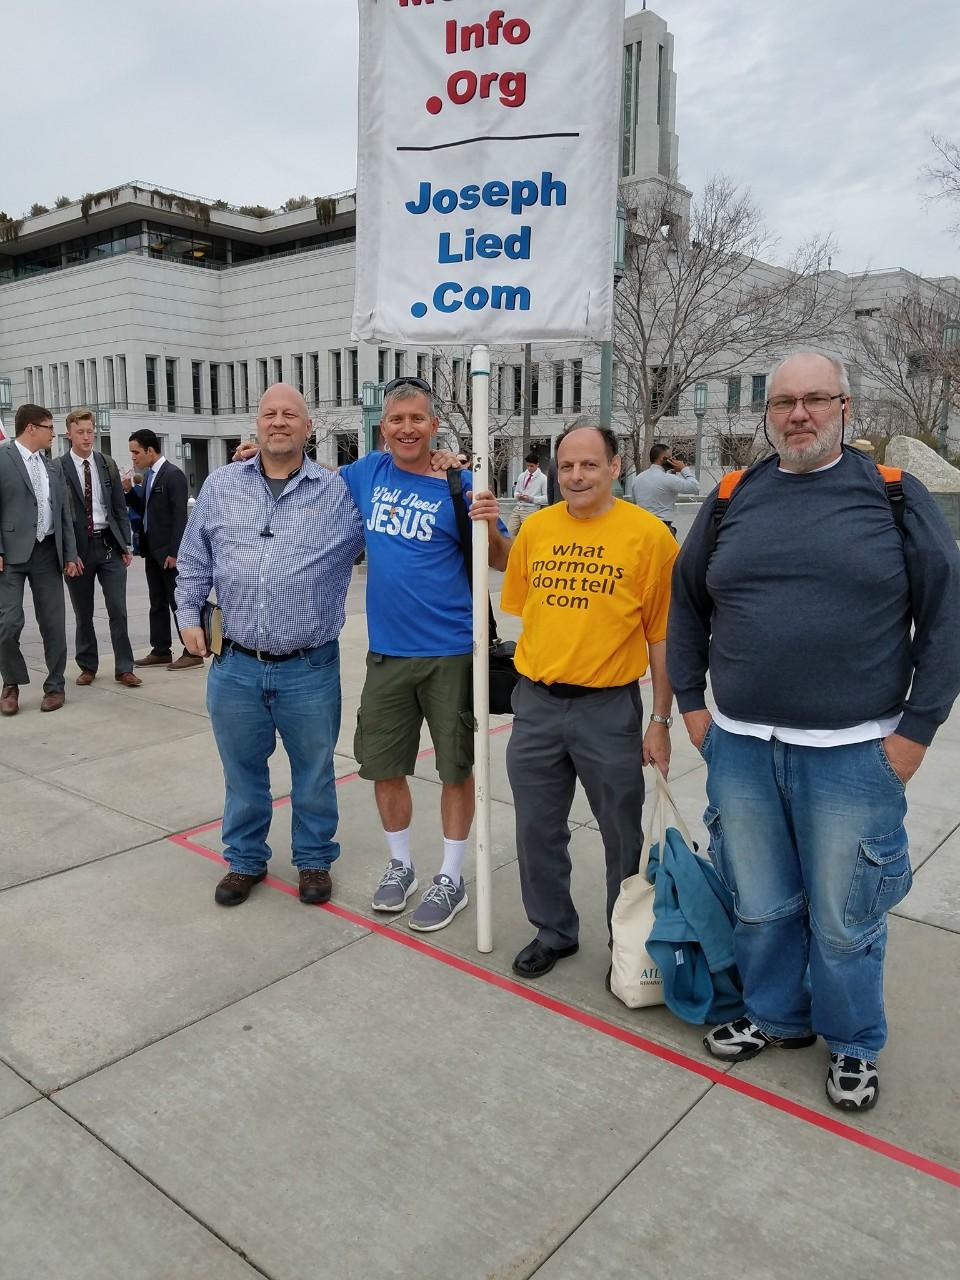 Keith Riley, Rob Sivulka, Joe Bei, and Kevin Deegan at General Conference